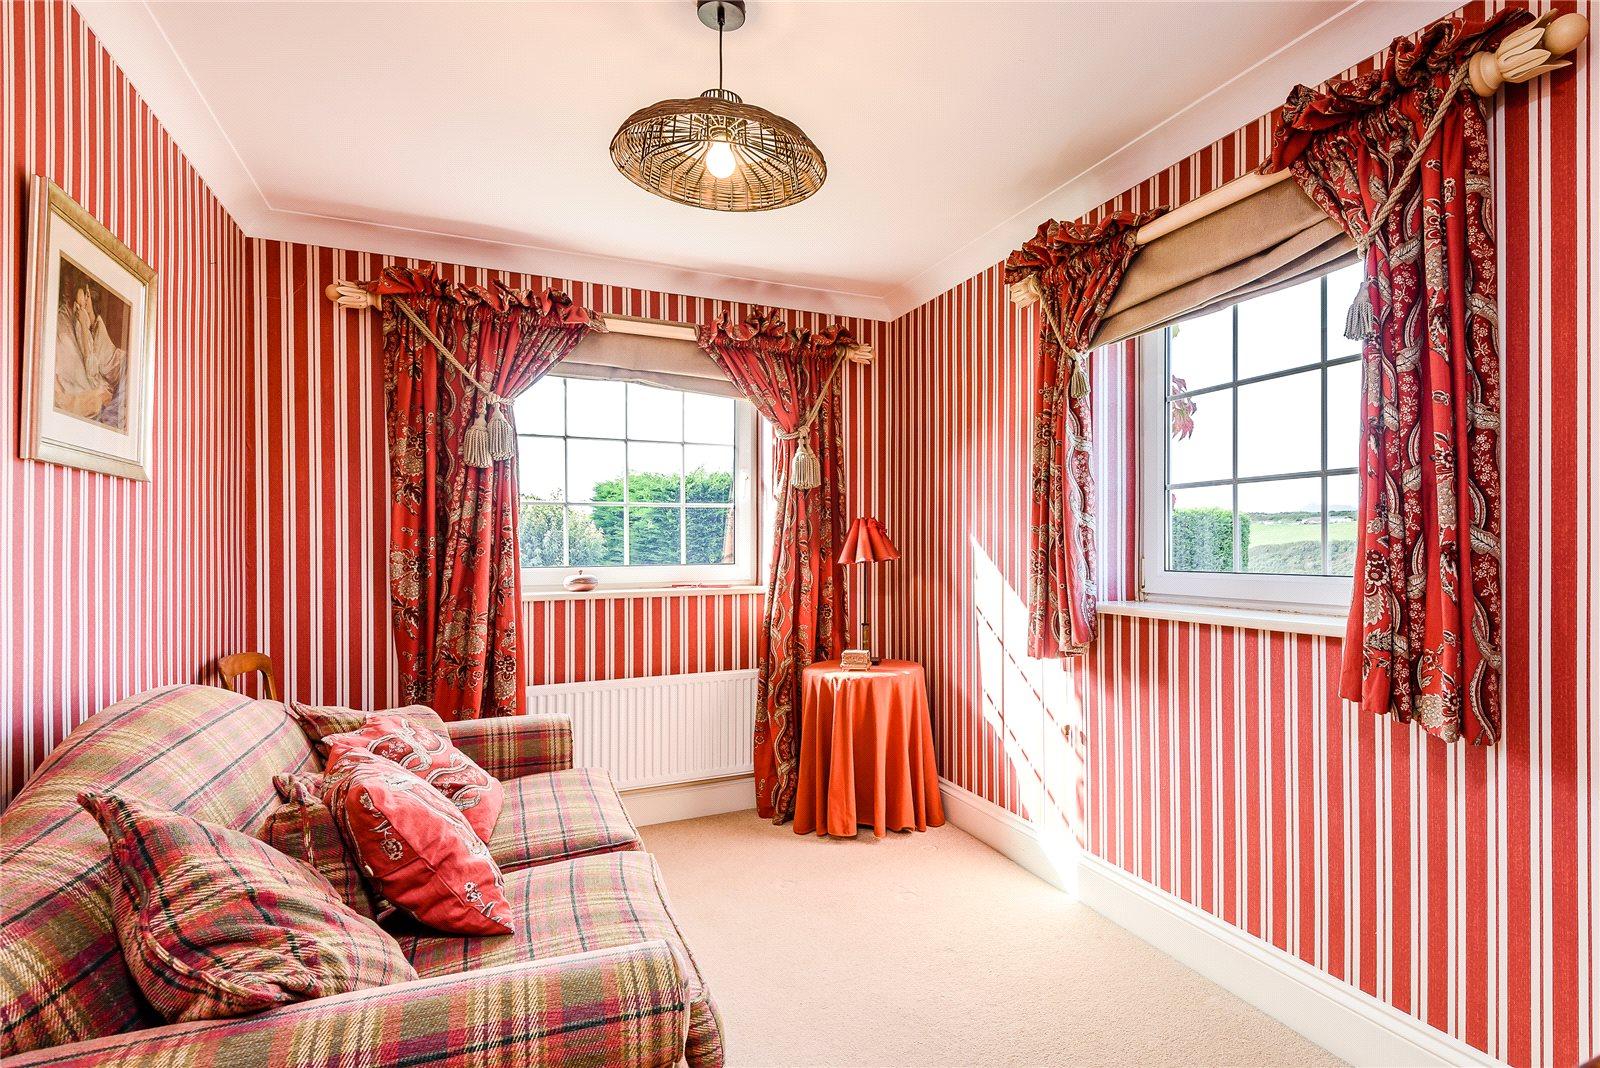 Additional photo for property listing at Abersoch, Pwllheli, Gwynedd, LL53 Gwynedd, Wales